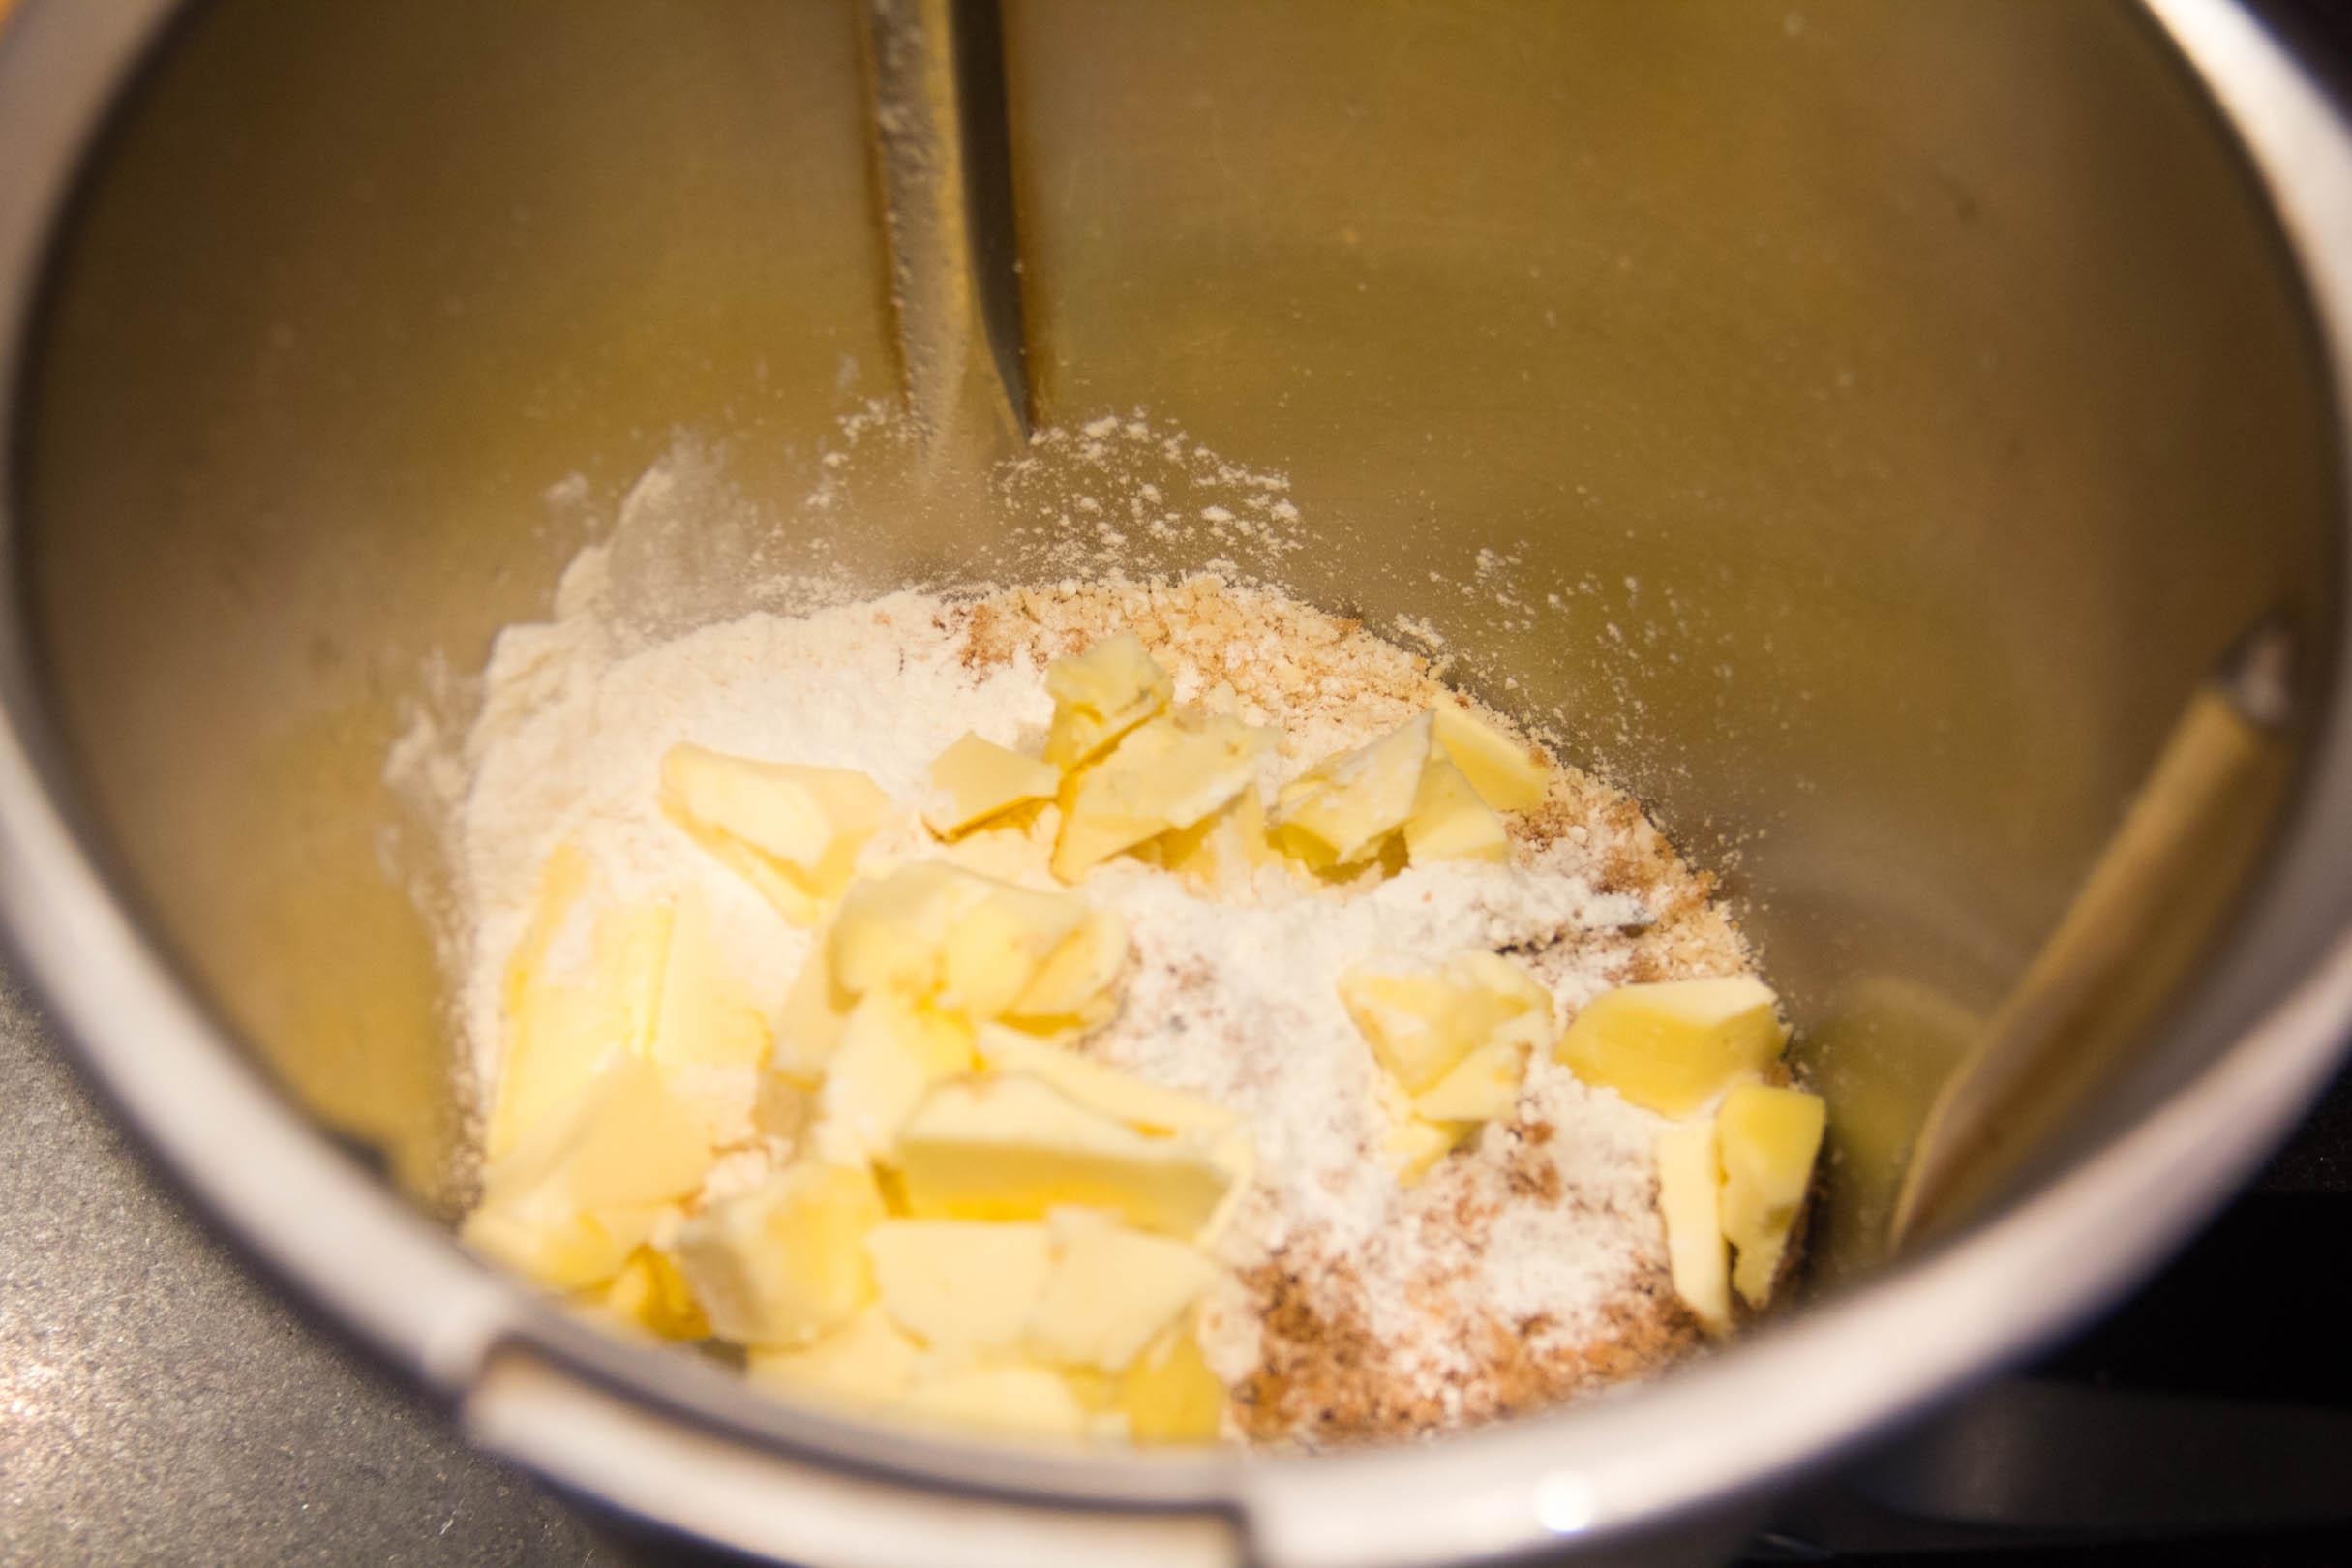 Dans le bol d'un robot pâtissier, versez la farine, le sucre, le sel et la poudre de noisettes puis mélangez les ingrédients.